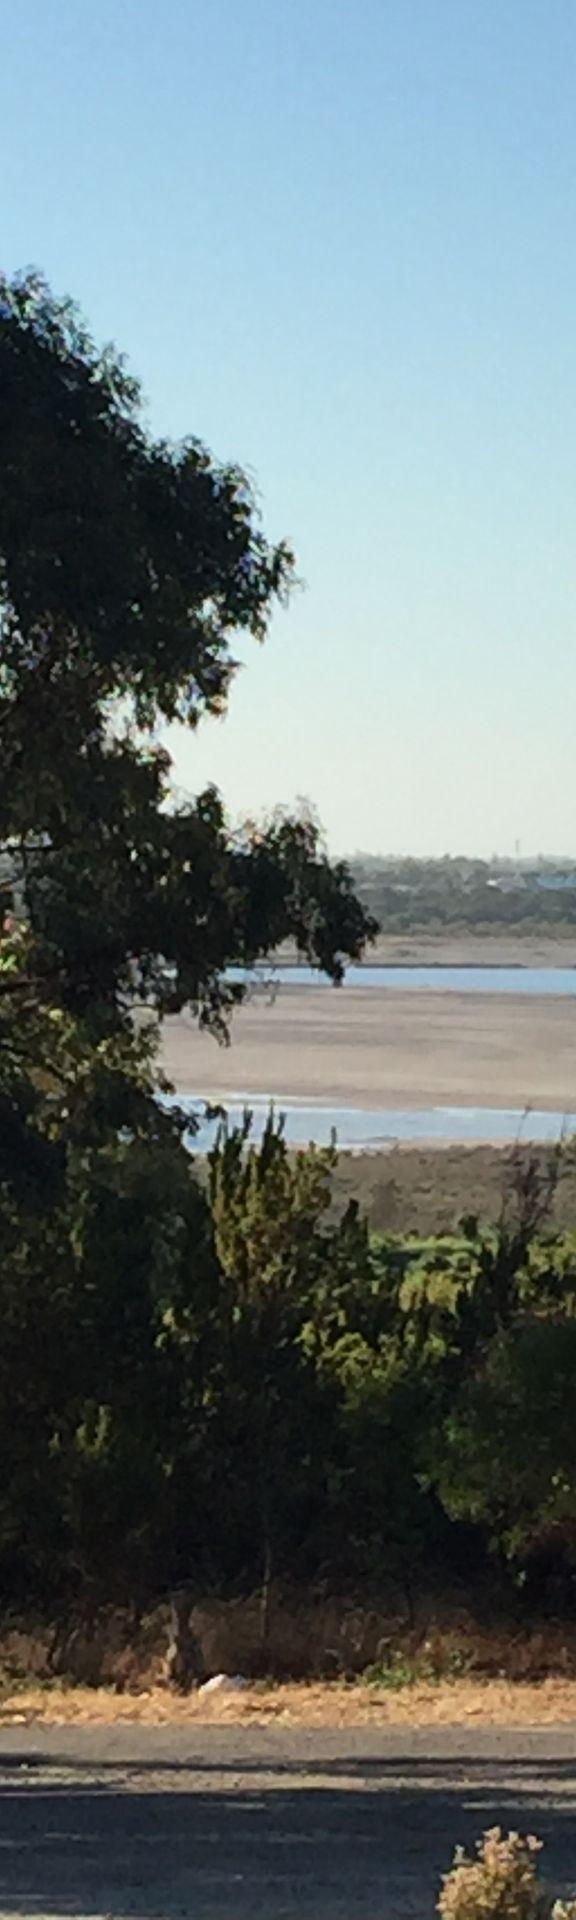 Serpentine, Austrália Ocidental, Austrália